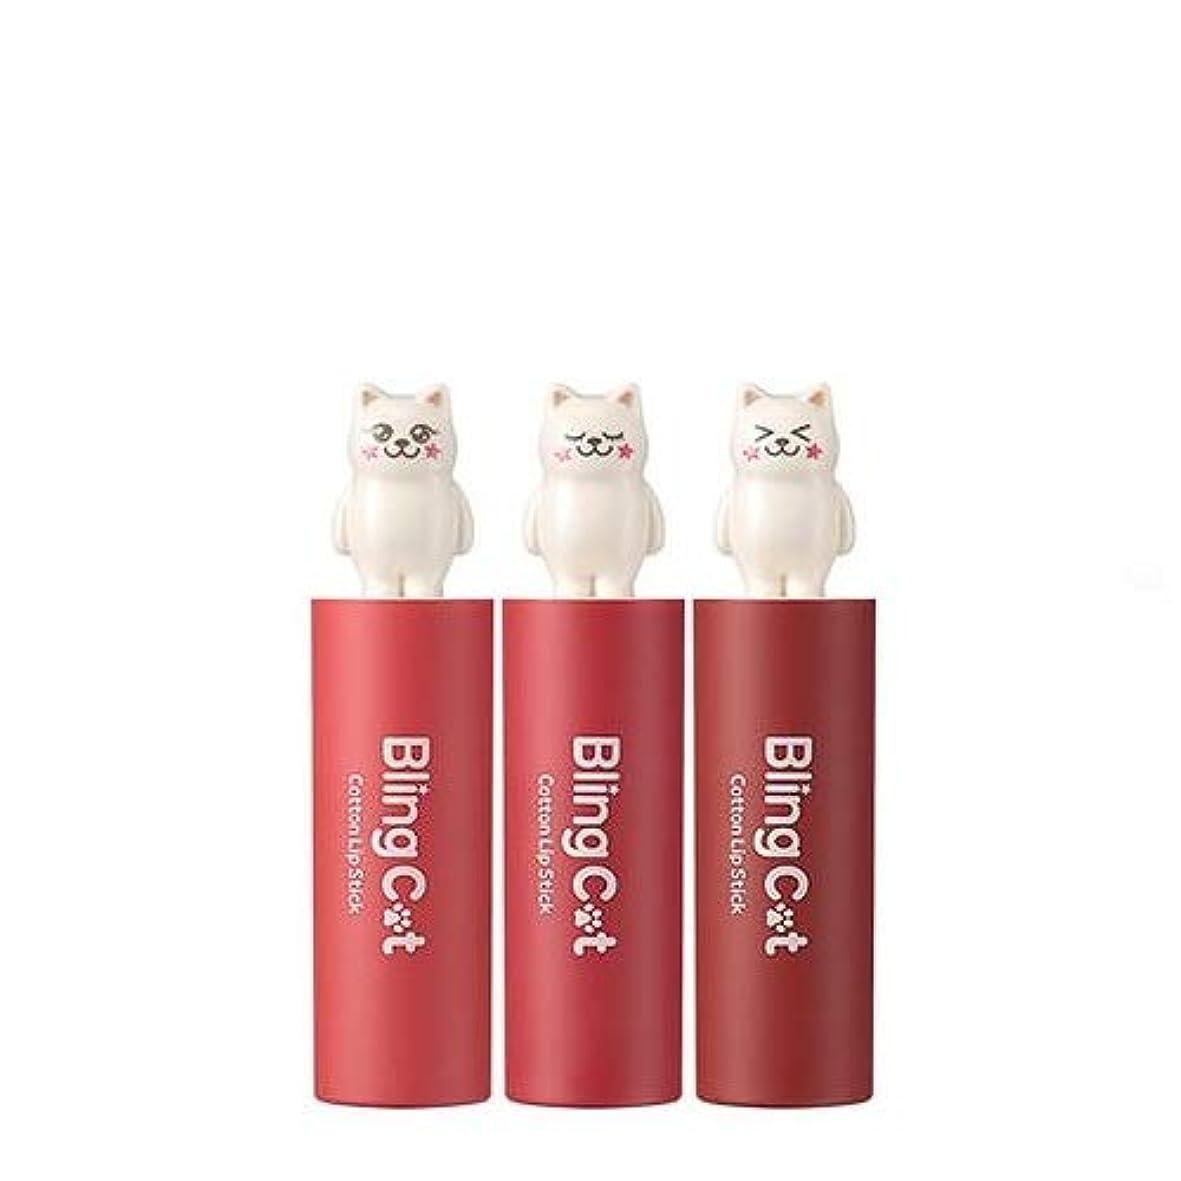 不安定放射性バントニーモリー ブリングキャット コットン リップスティック 3.4g / TONYMOLY Bling Cat Cotton Lipstick # 10. Black Tea Plum [並行輸入品]